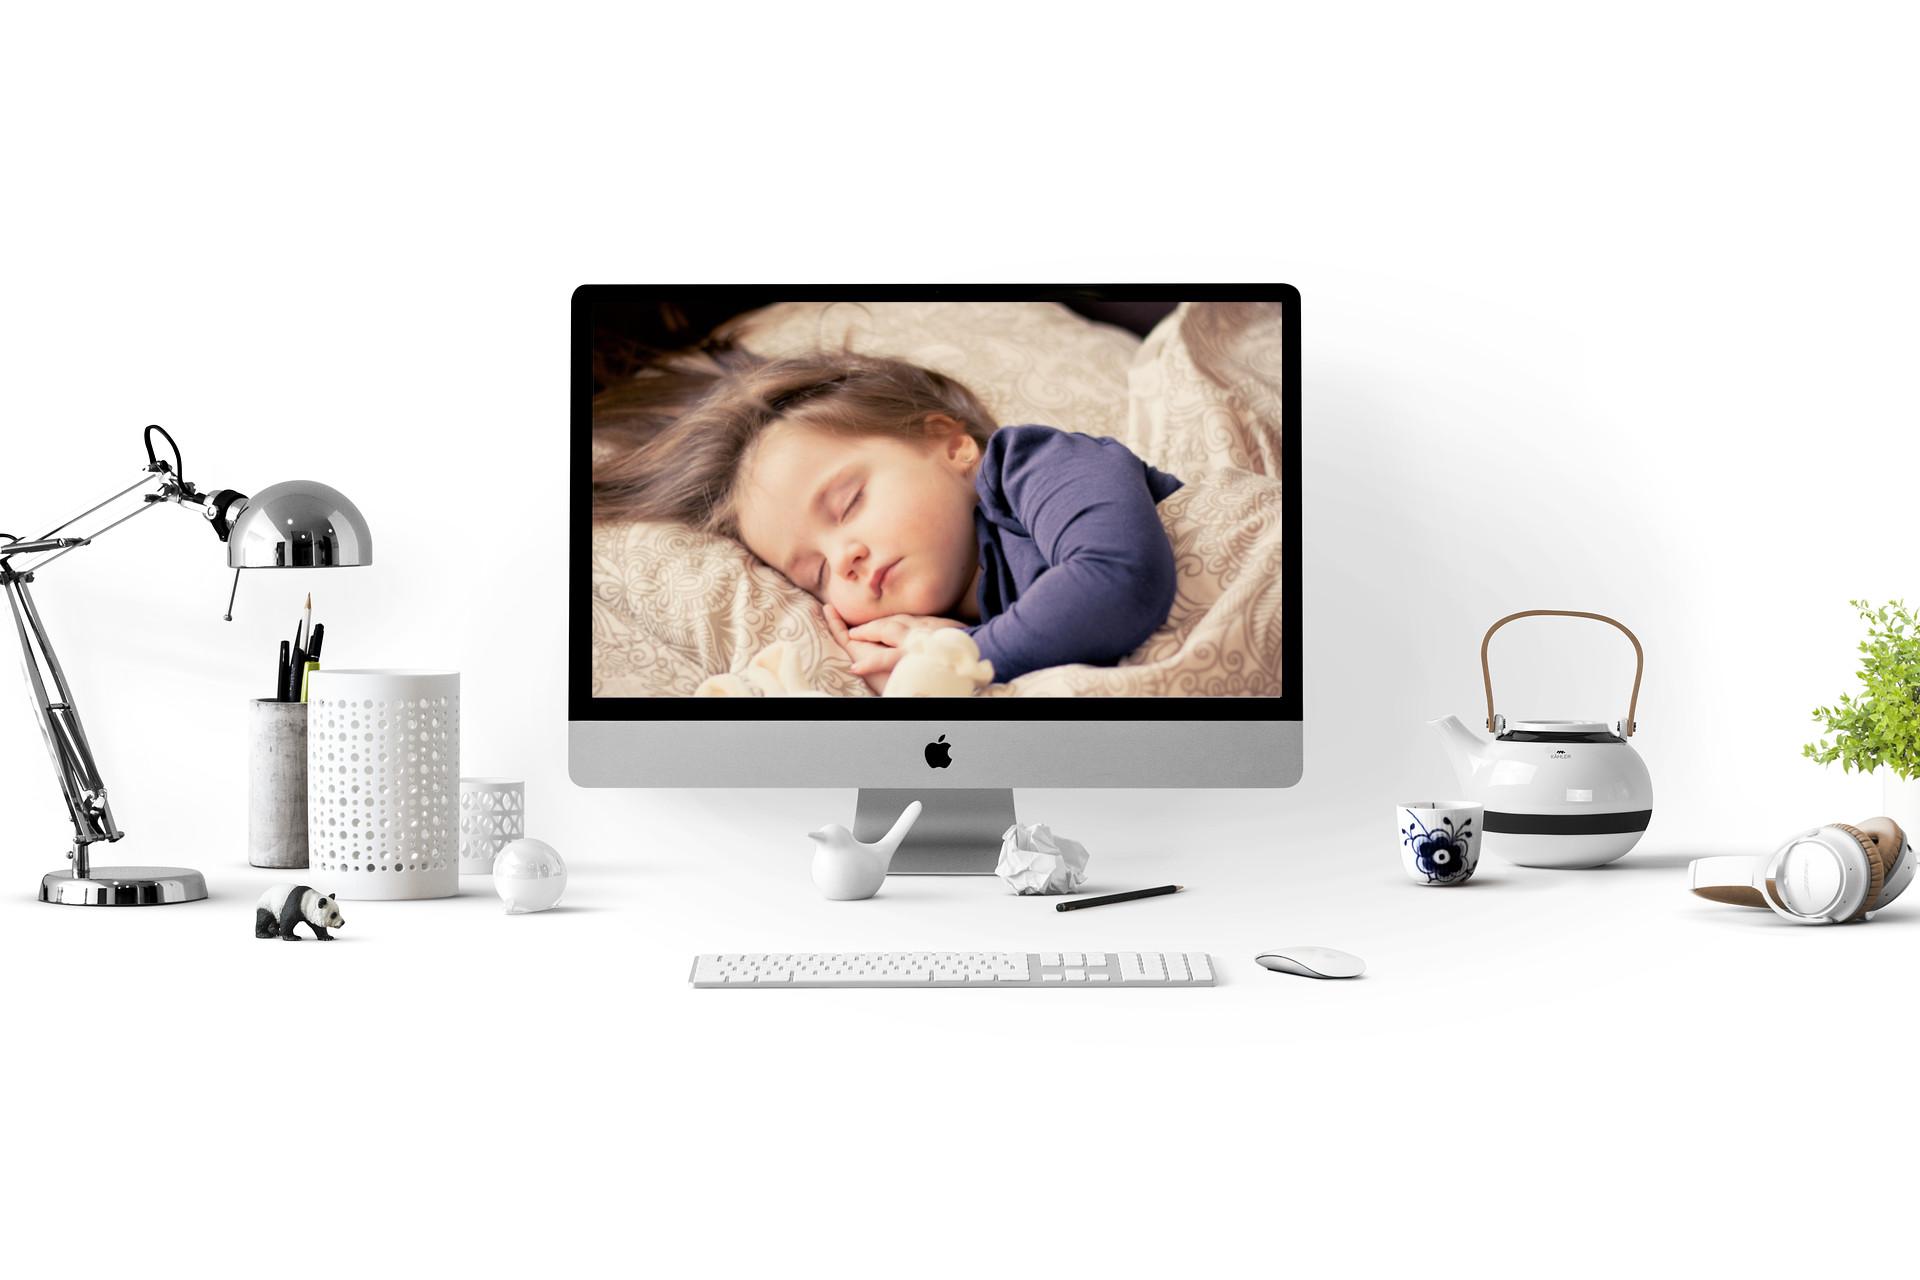 余っているPCとWebカメラで赤ちゃんの見守りカメラを自作する